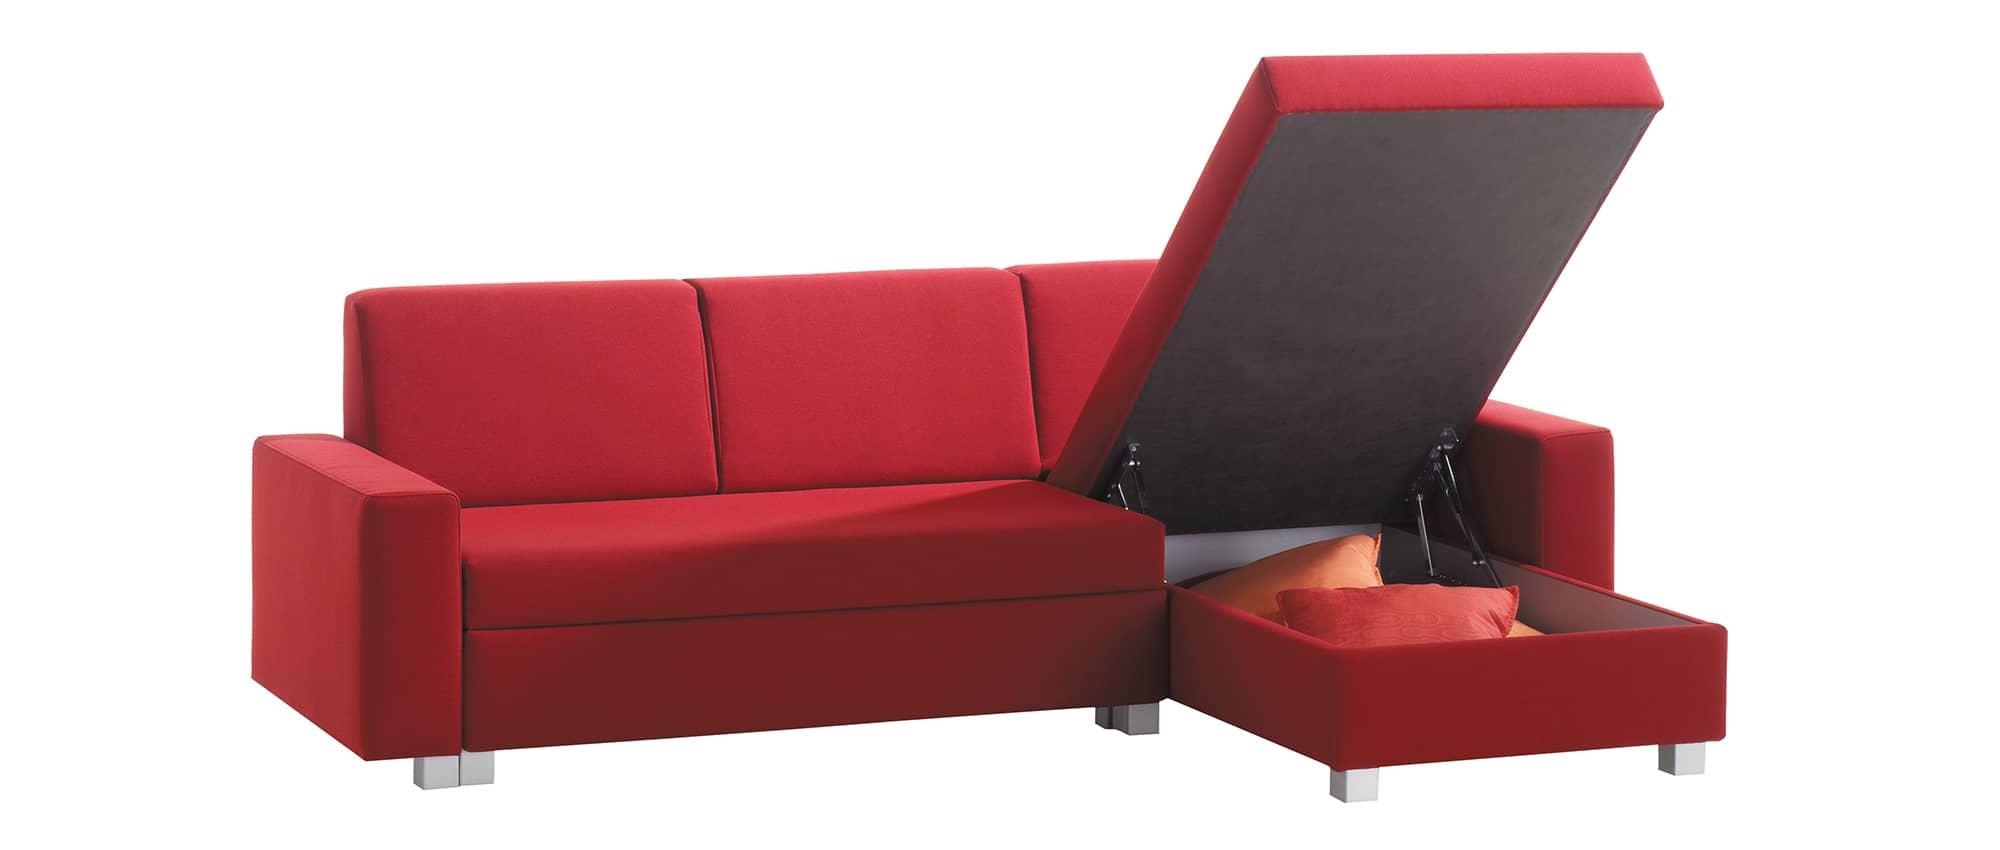 Das MINNIE Eckschlafsofa von Franz Fertig hat einen großen Bettkasten. Stauraum für Bettwäsche. Sofa in rot. Ecksofa in rot.